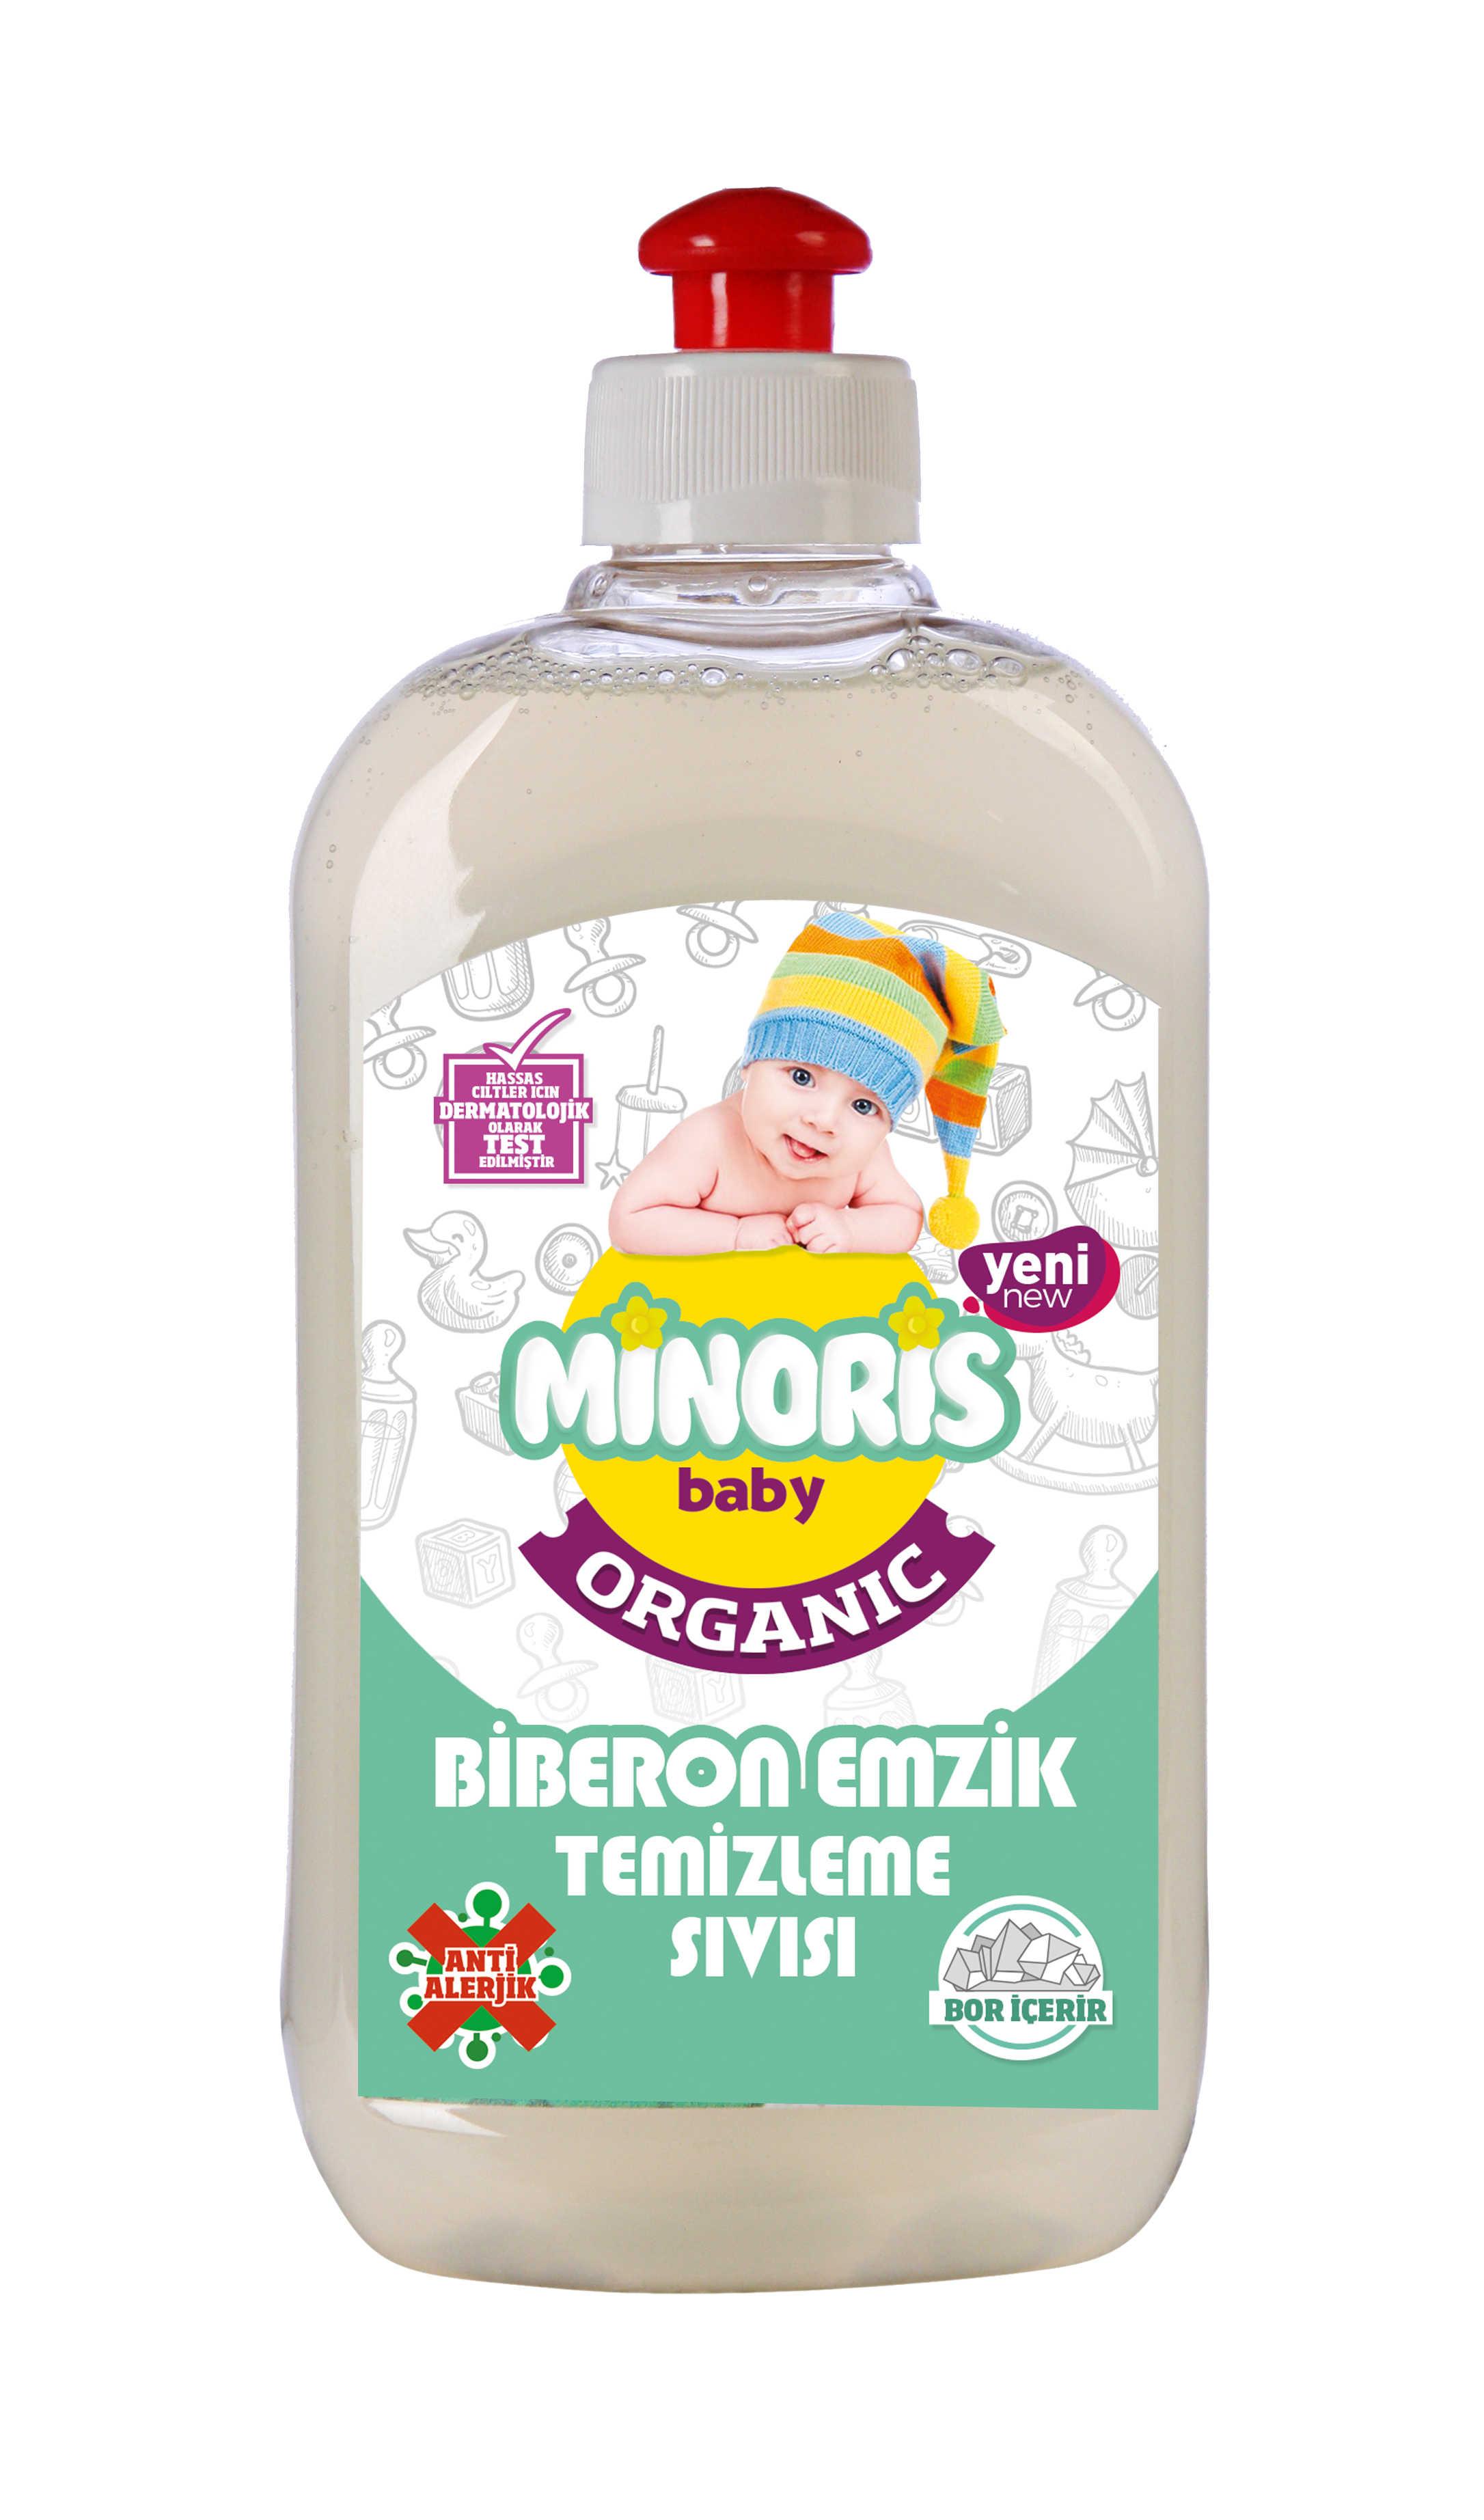 Minoris เด็ก Organik Antialerjik Sıvı Biberon Emzik Temizleyici